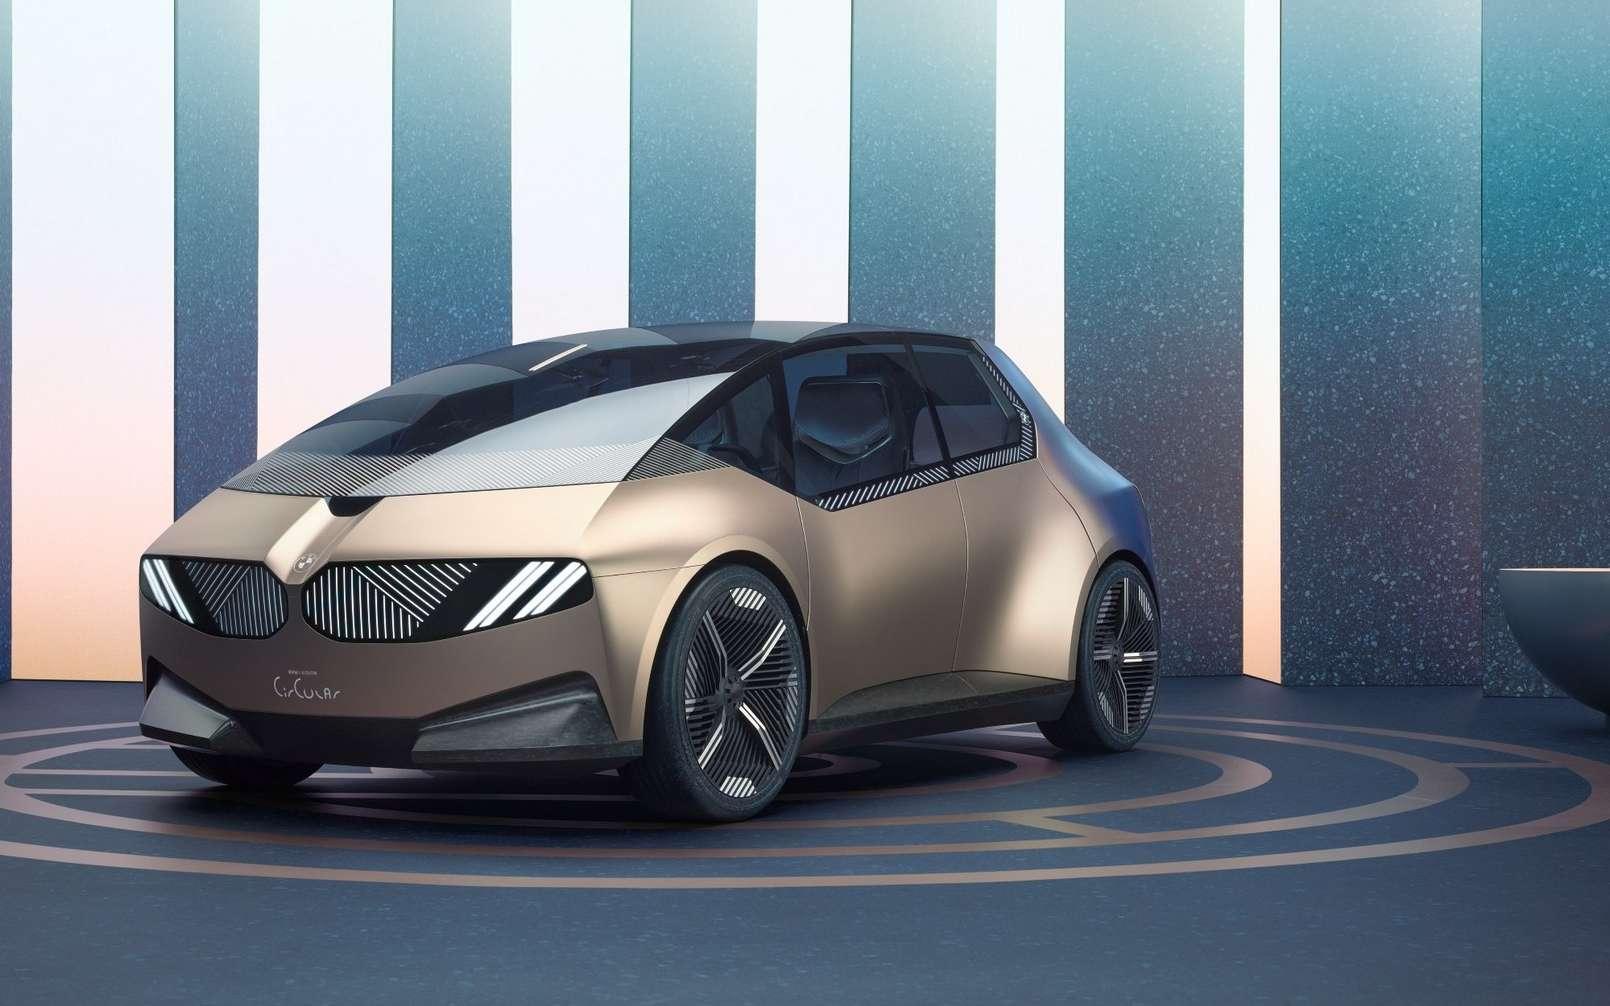 La BMW i Vision Circular dévoilée au salon IAA Mobility de Munich. © BMW